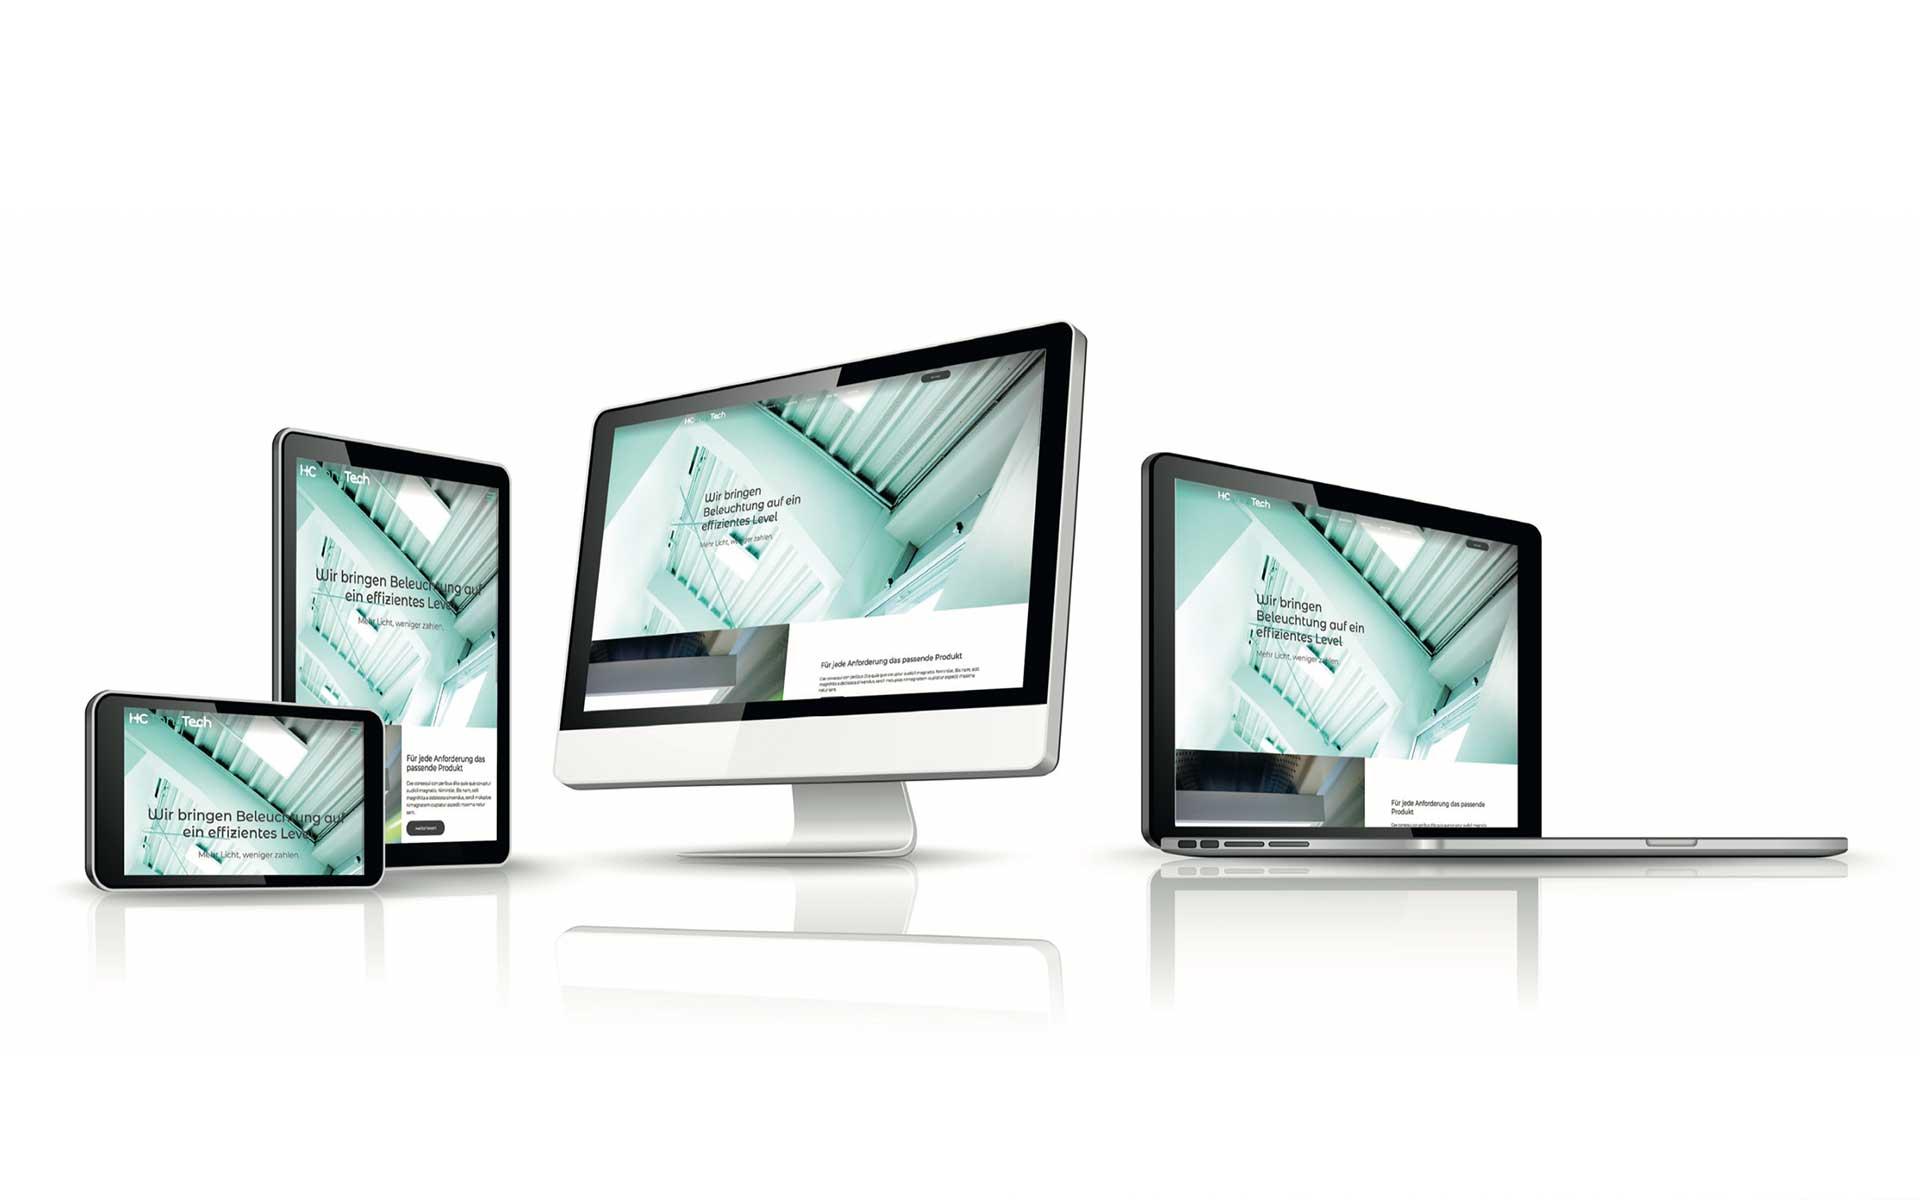 Webseite HC InnoTech gestaltet von team4media - Ihre Werbeagentur in Osnabrück